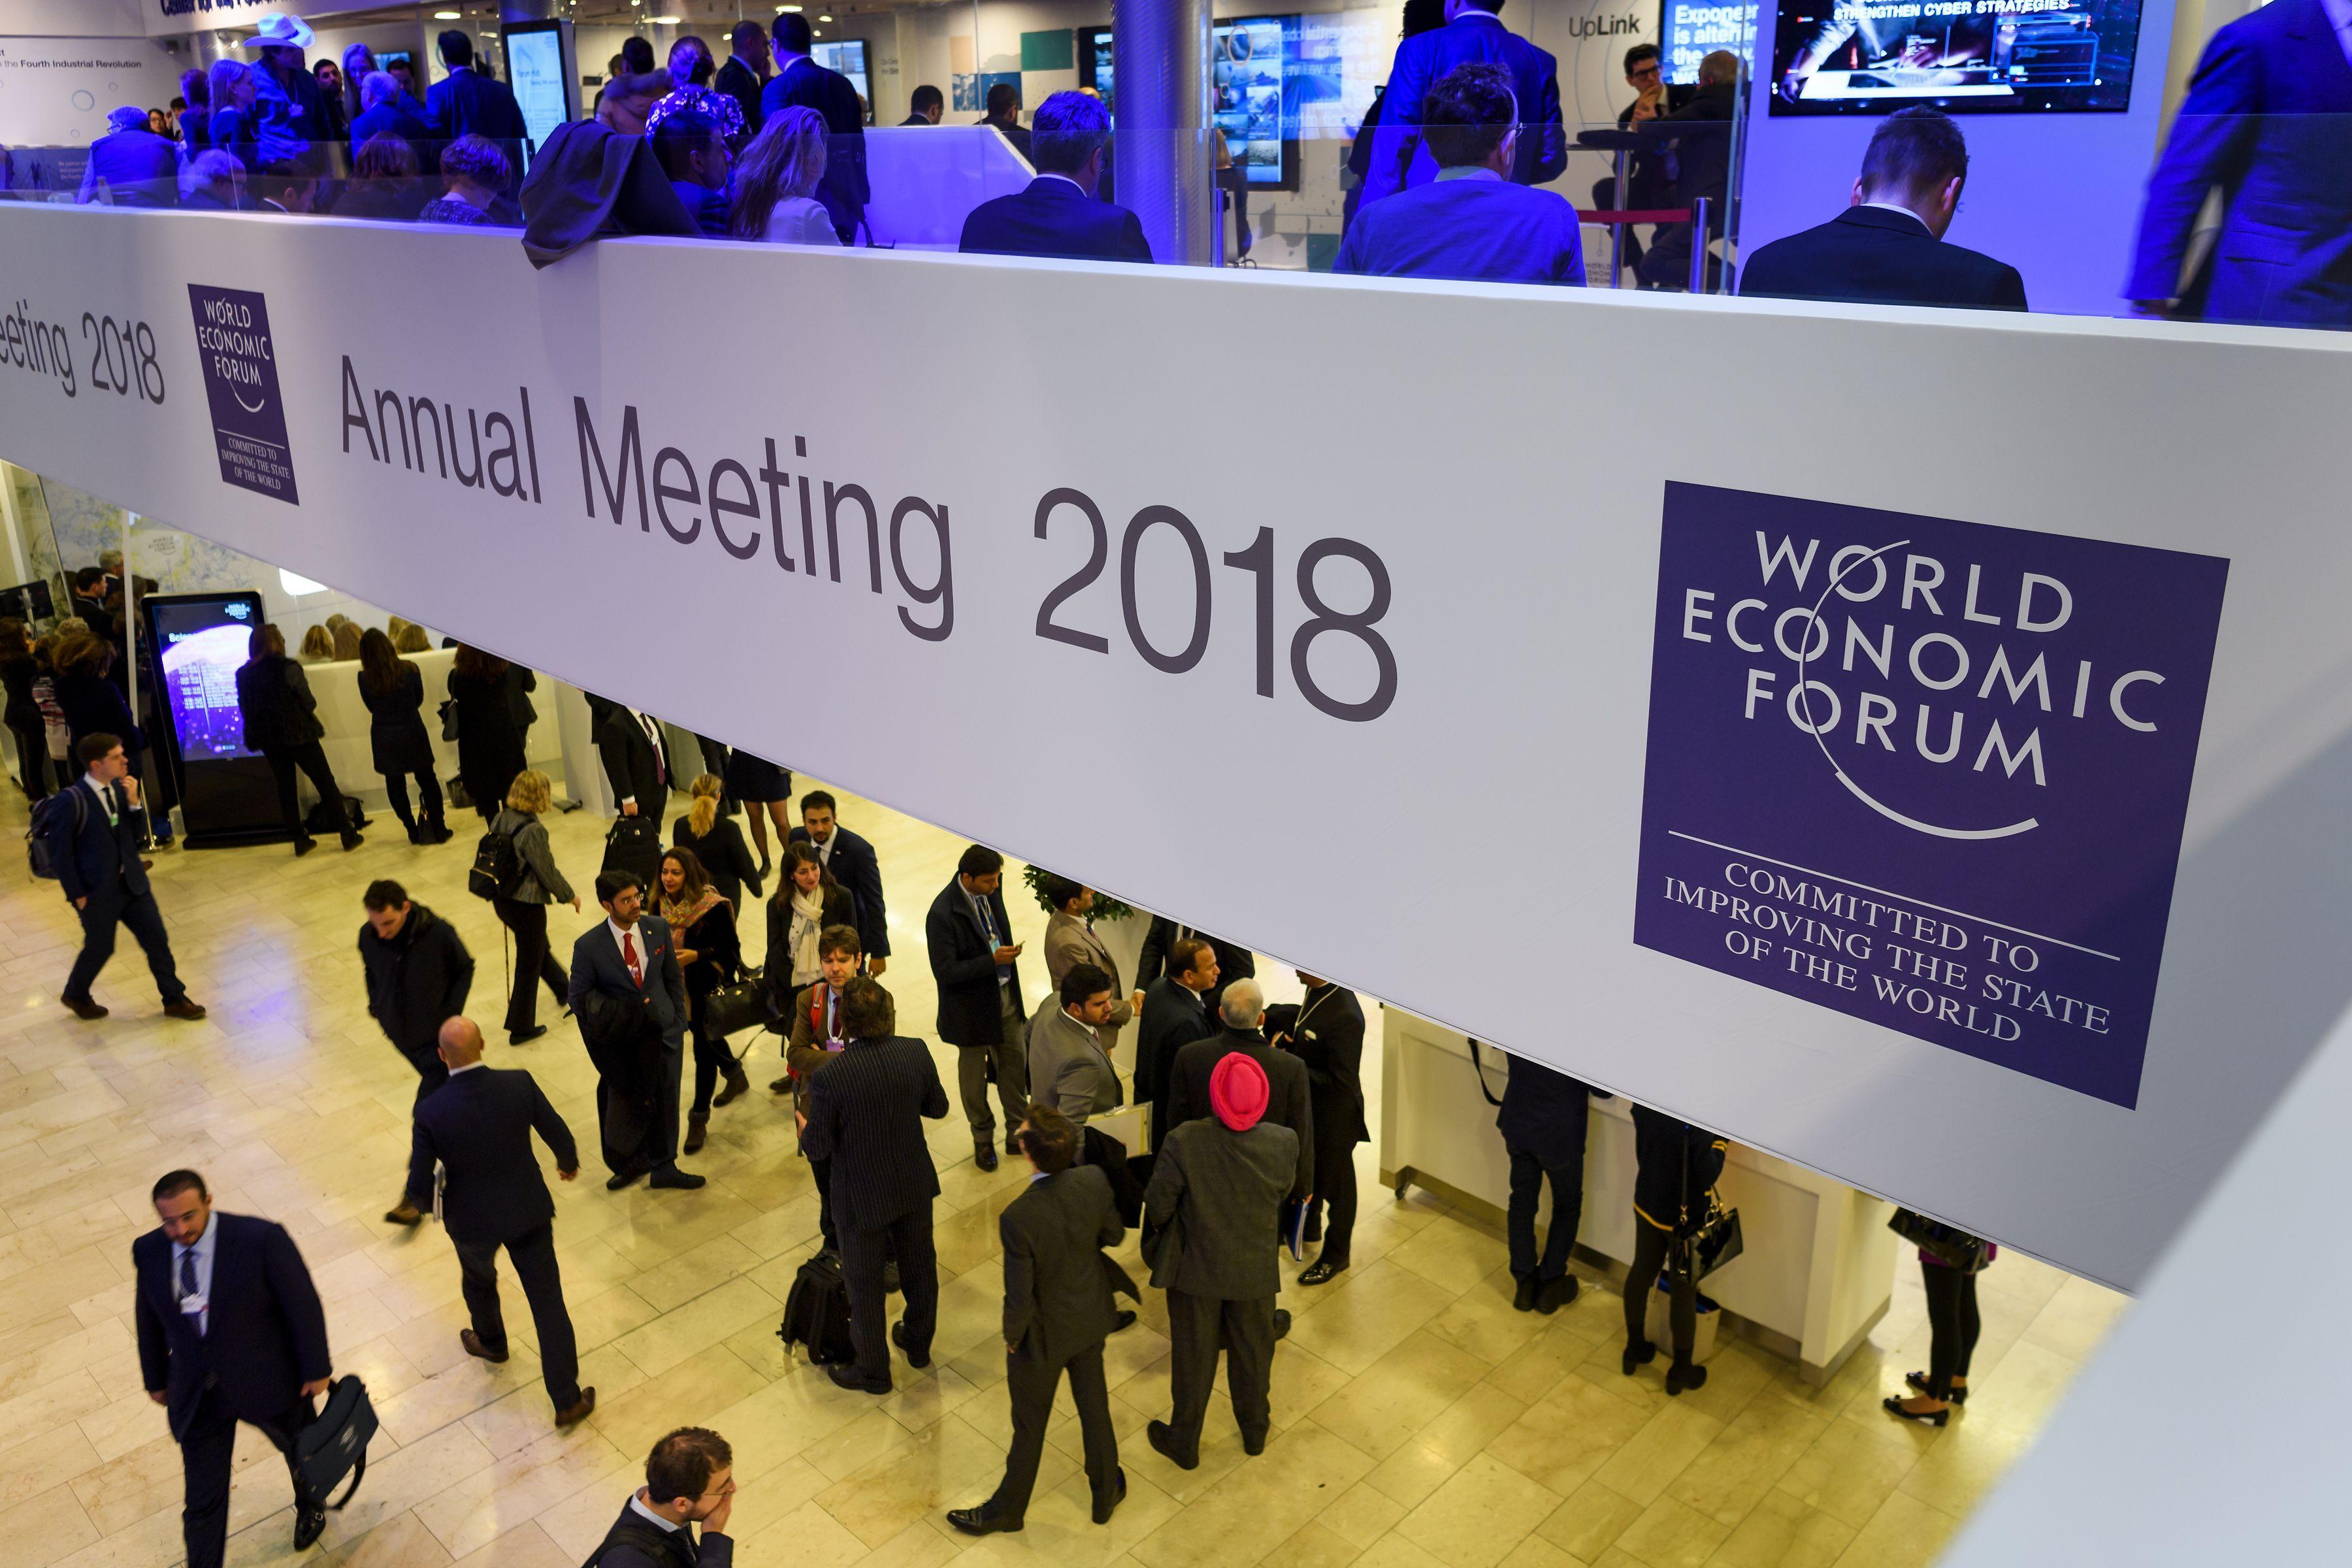 Дэлхийн эдийн засгийн чуулга уулзалтад сайд Д.Сумъяабазар, Д.Цогтбаатар нар оролцож байна